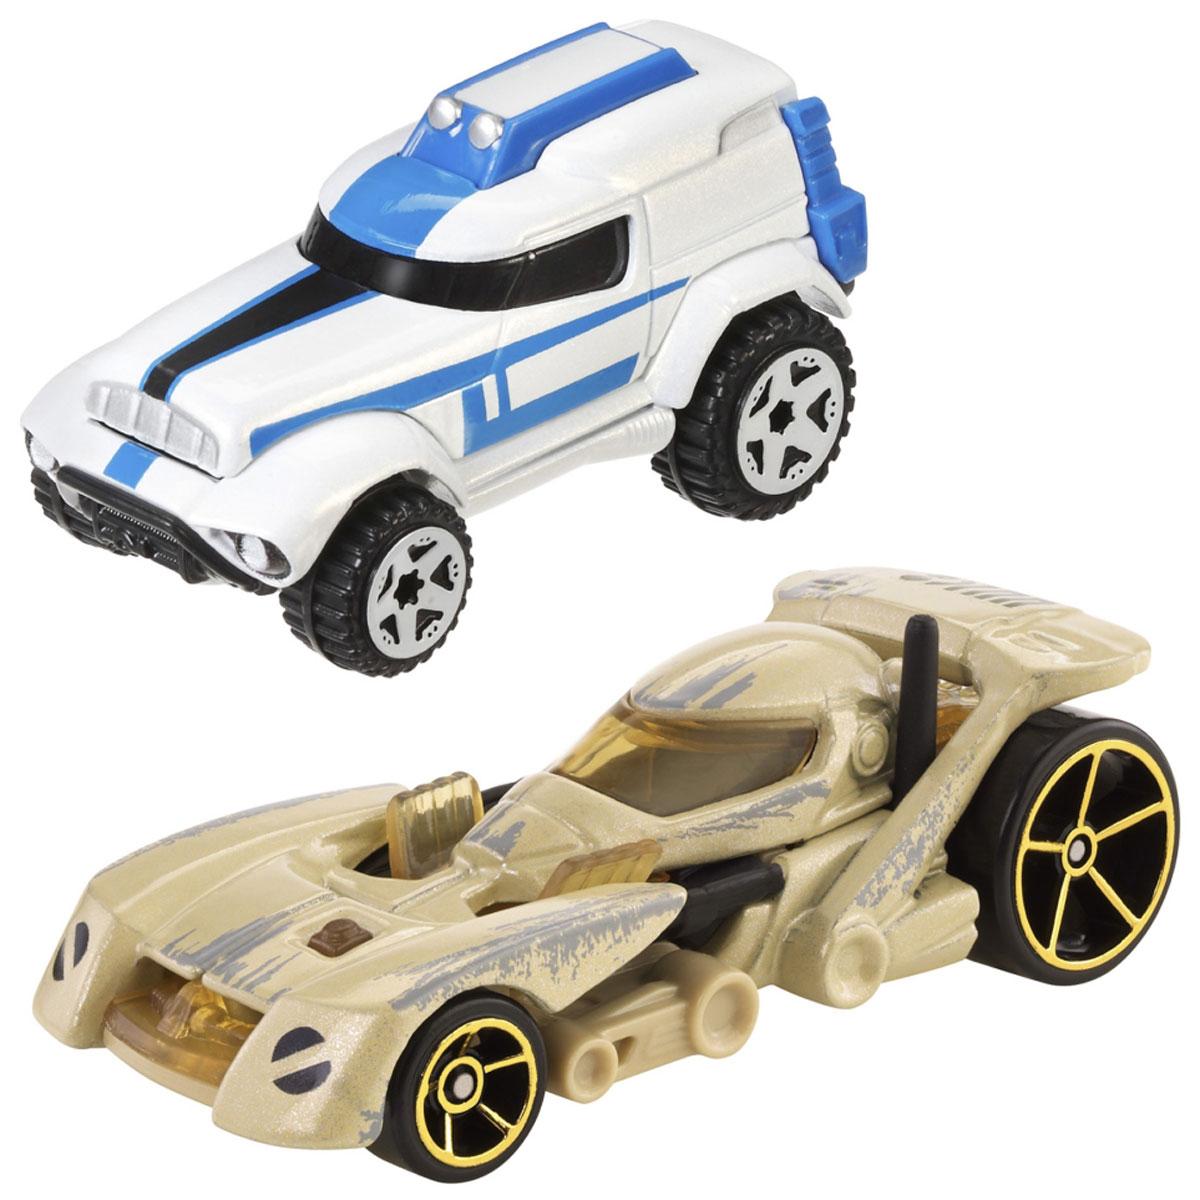 Hot Wheels Star Wars Набор машинок Clone Trooper и Battle DroidCGX02_CGX07_CGX07Машинки Hot Wheels Clone trooper, Battle Droid - любимые миллионами персонажи Звездных войн солдат Clone trooper и робот Battle Droid. Каждый из этих персонажей, выполненных в масштабе 1:64, узнаваем не смотря на то, что их внешний вид в фильмах нисколько не походил на машины. Машинки понравятся поклонникам всех возрастов. Собери полную коллекцию и устраивай гонки по всей галактике!